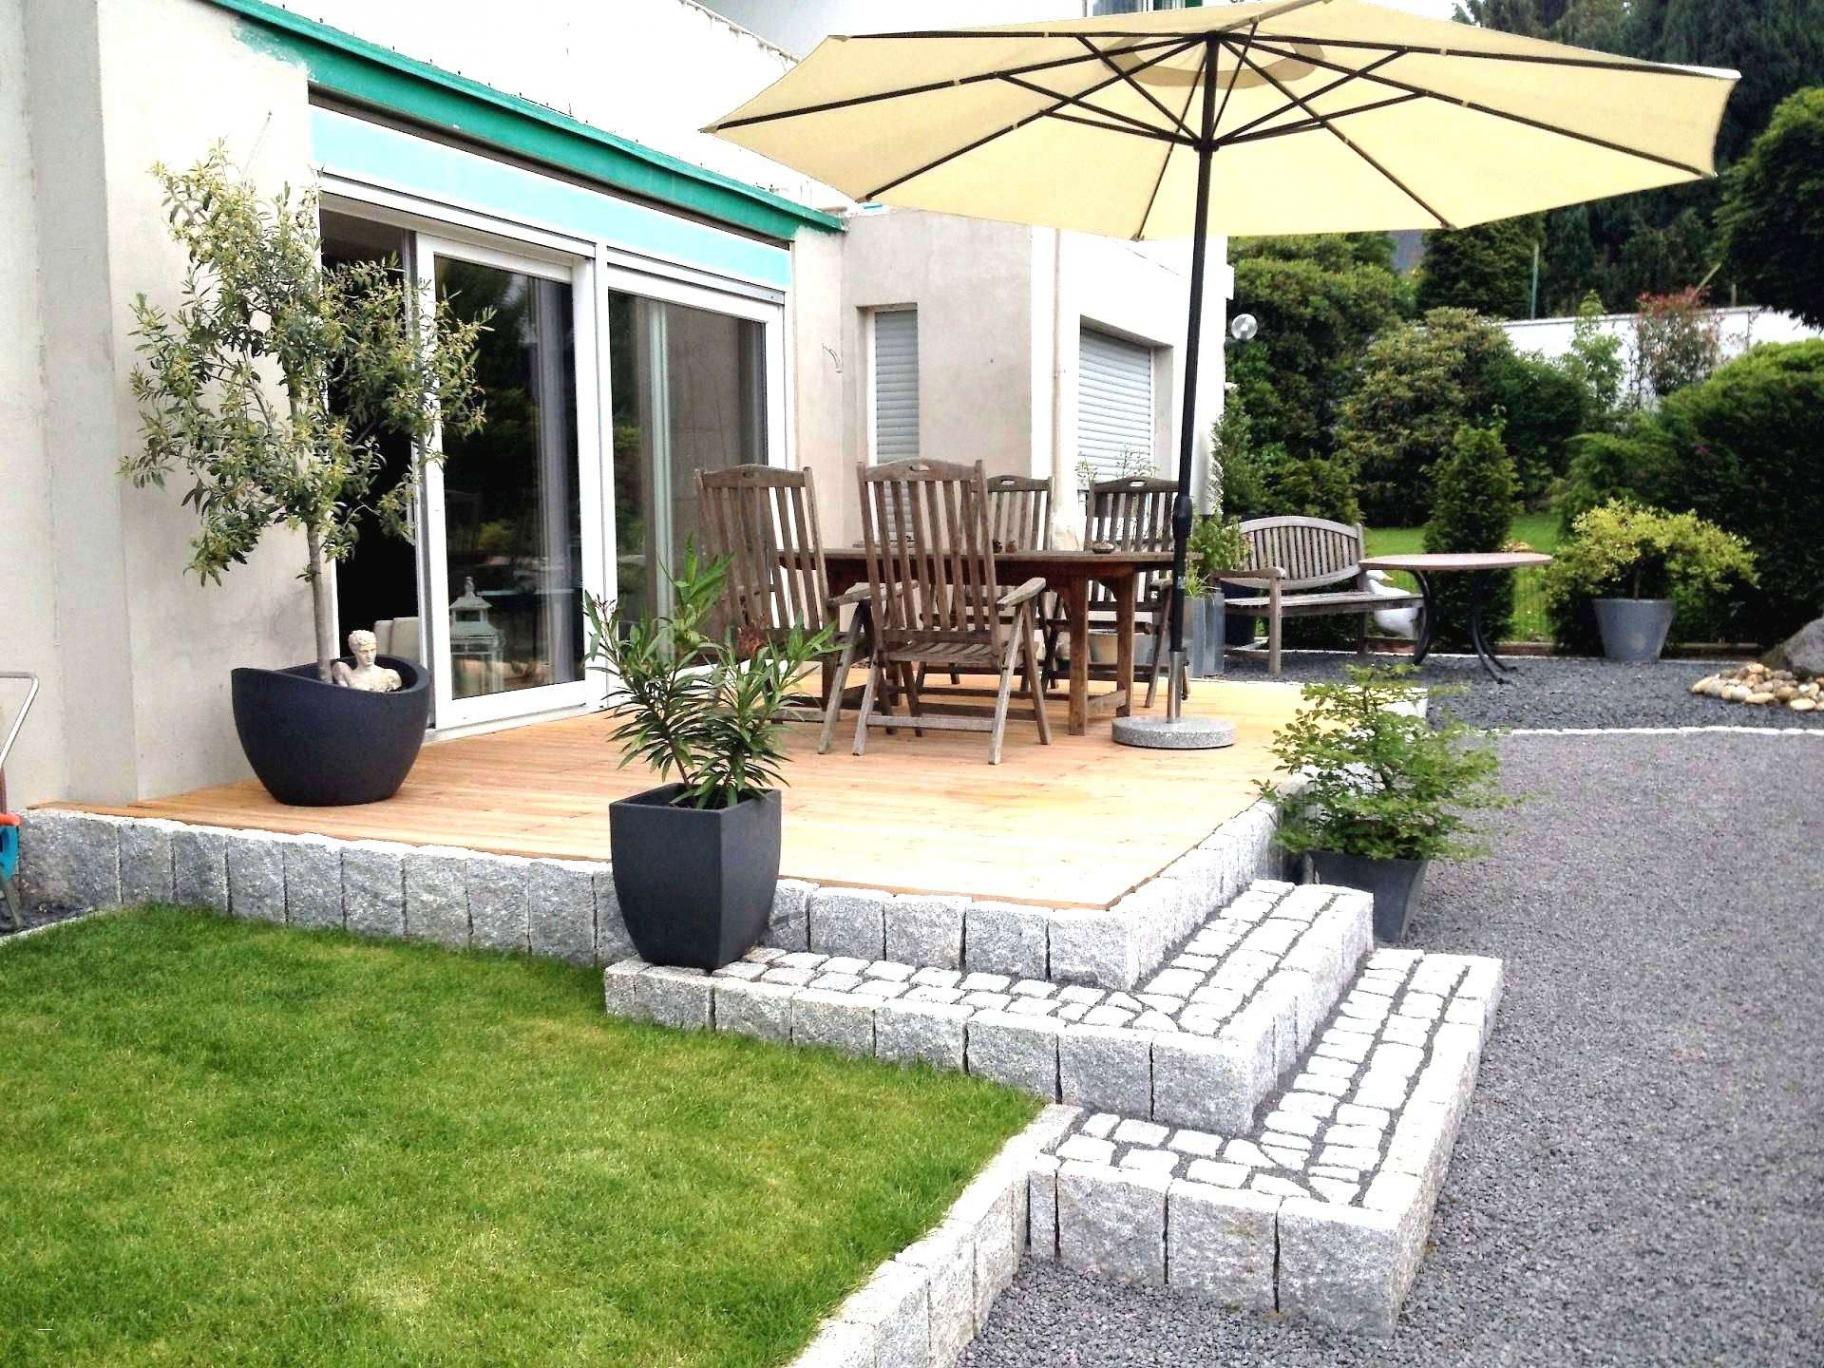 Balkon Garten Ideen Neu Garten Ideen Selber Machen — Temobardz Home Blog